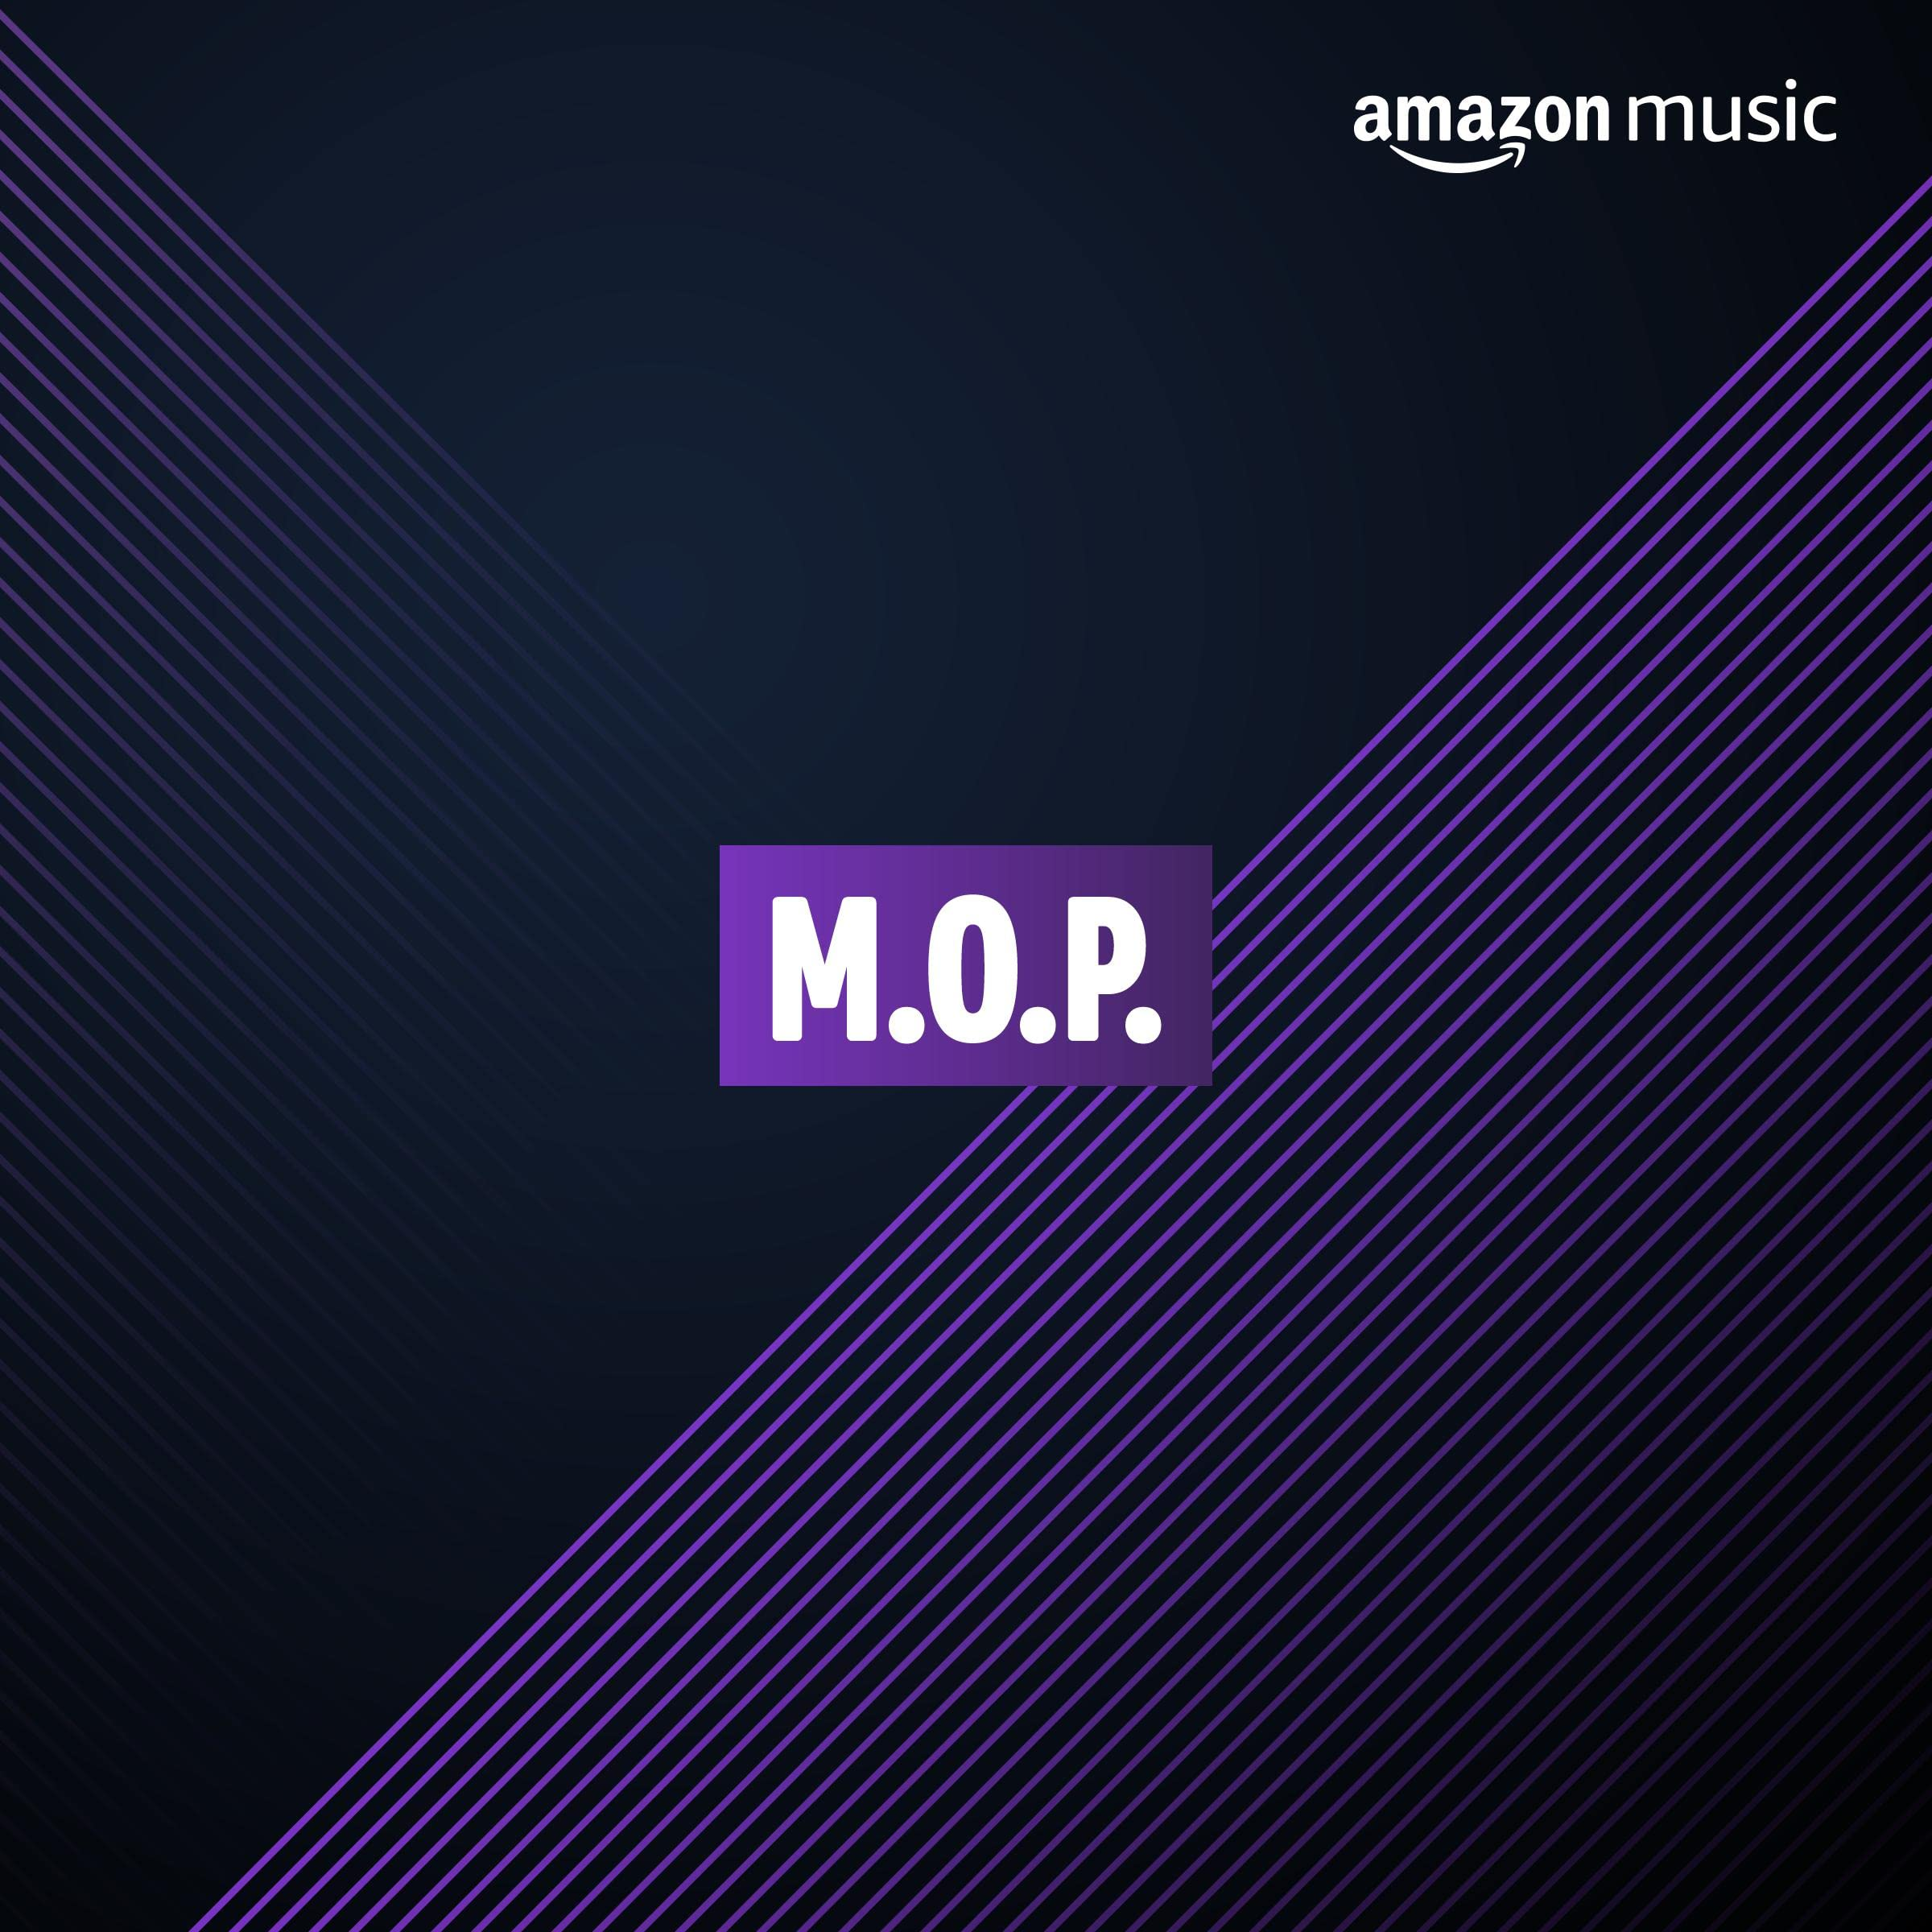 M.O.P.